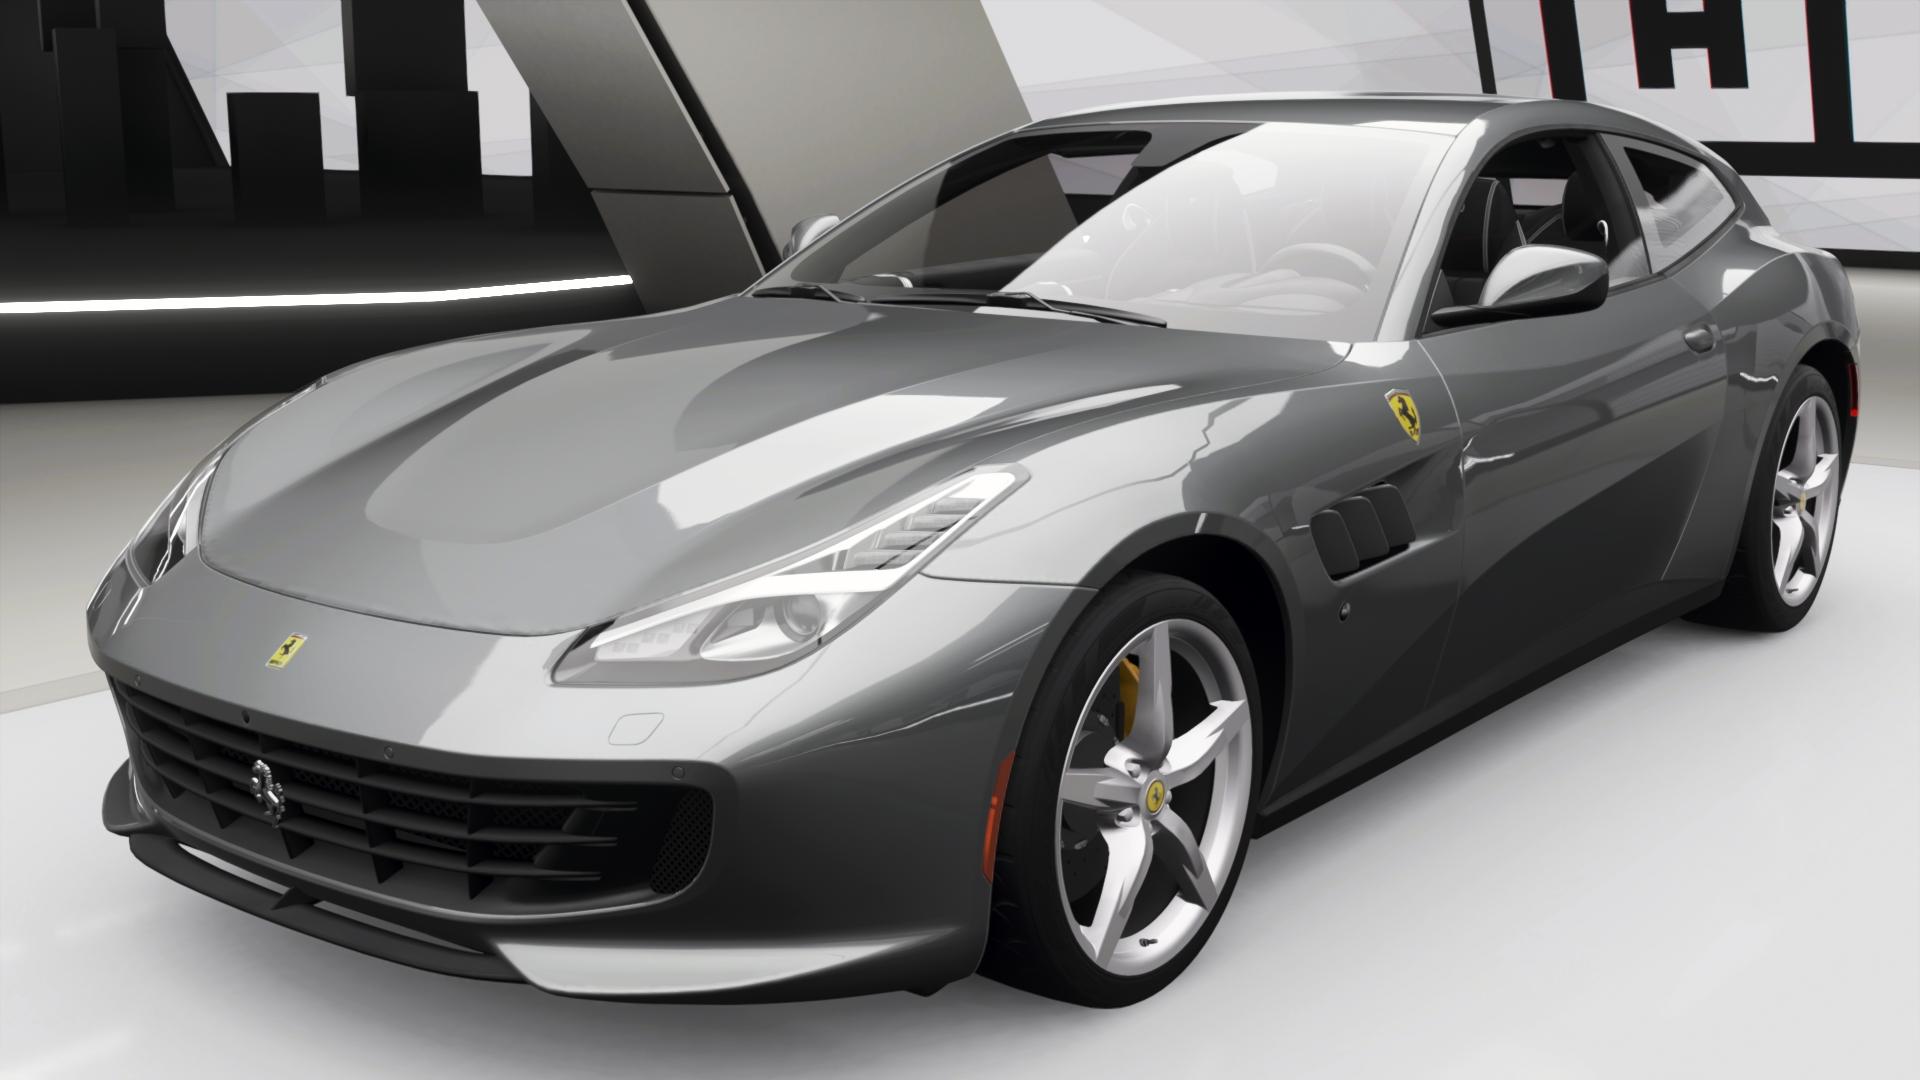 Ferrari GTC4Lusso   Forza Motorsport Wiki   FANDOM powered